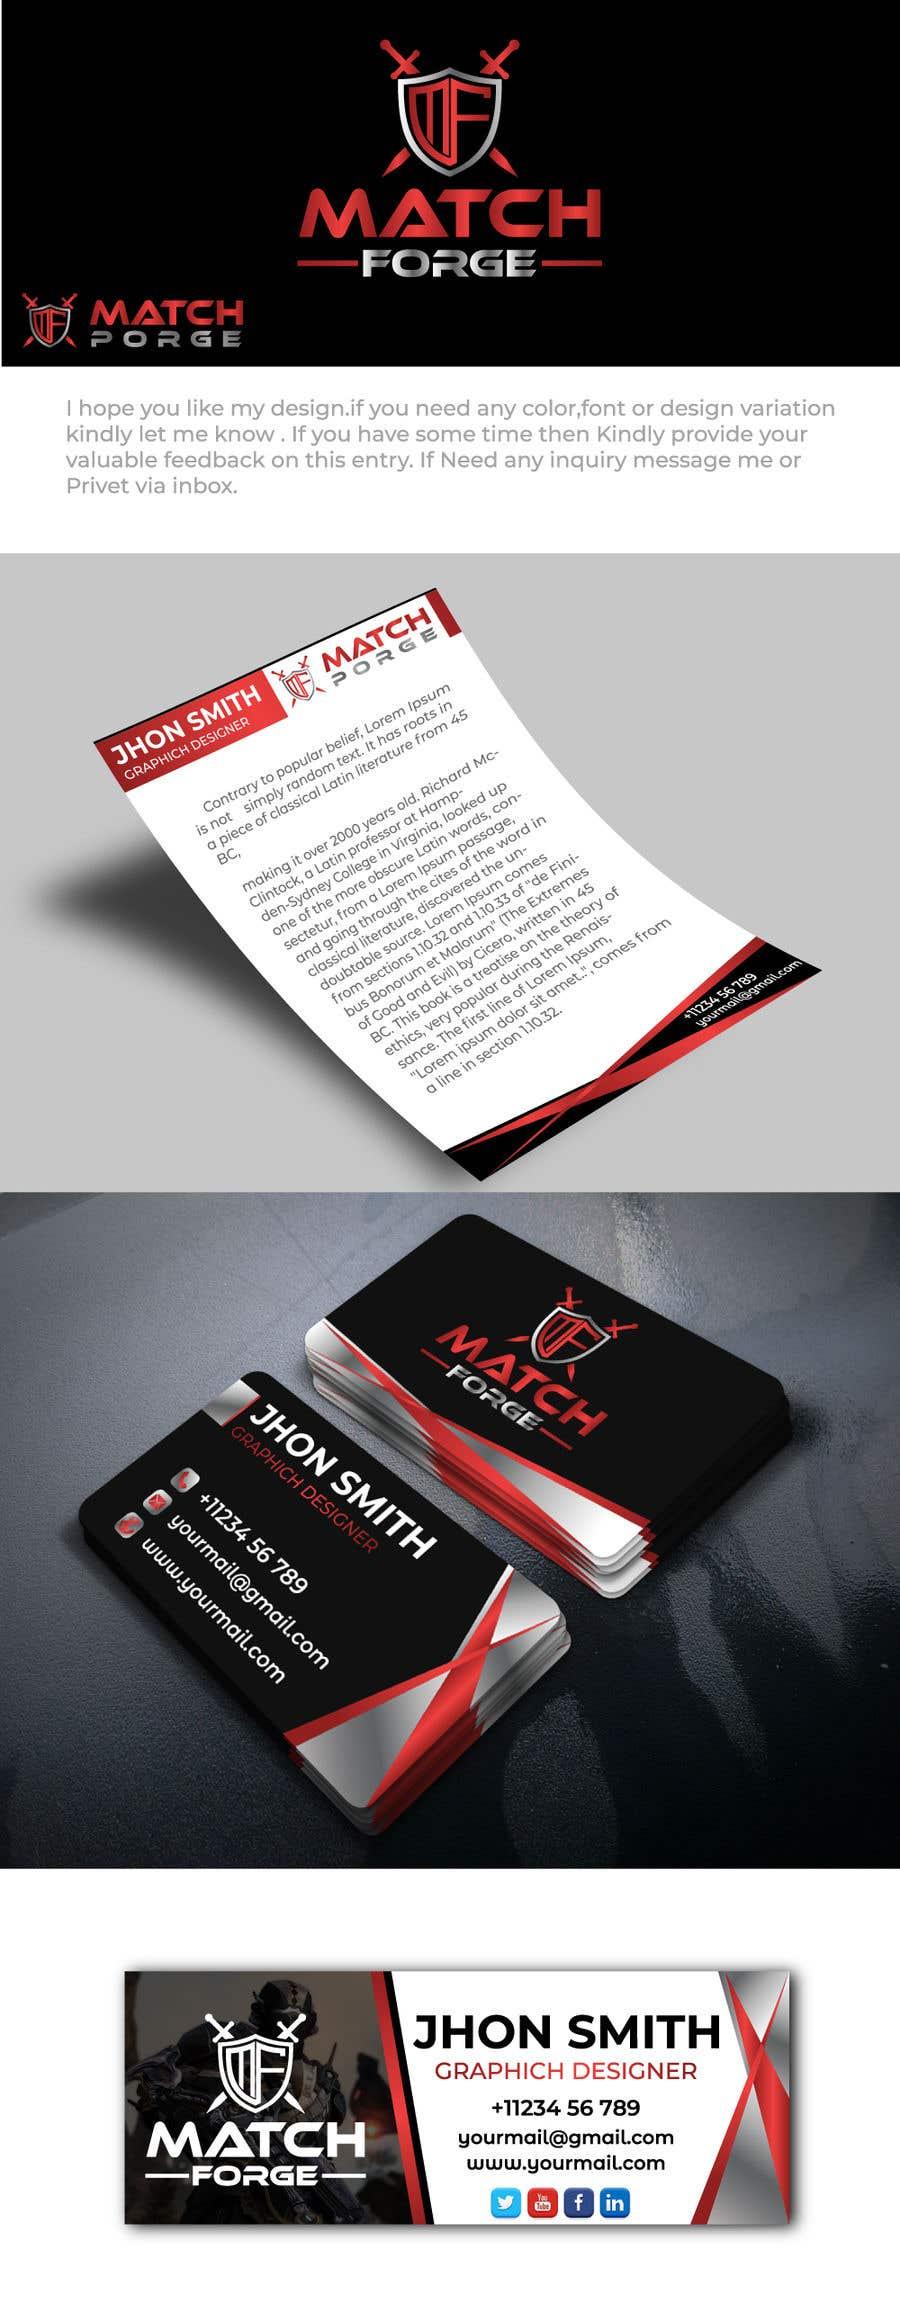 Penyertaan Peraduan #                                        114                                      untuk                                         Design a logo + Business Card + Letterhead + Branding + Social Media etc. (Gaming, Hosting, Panel, Dashboard, Product)